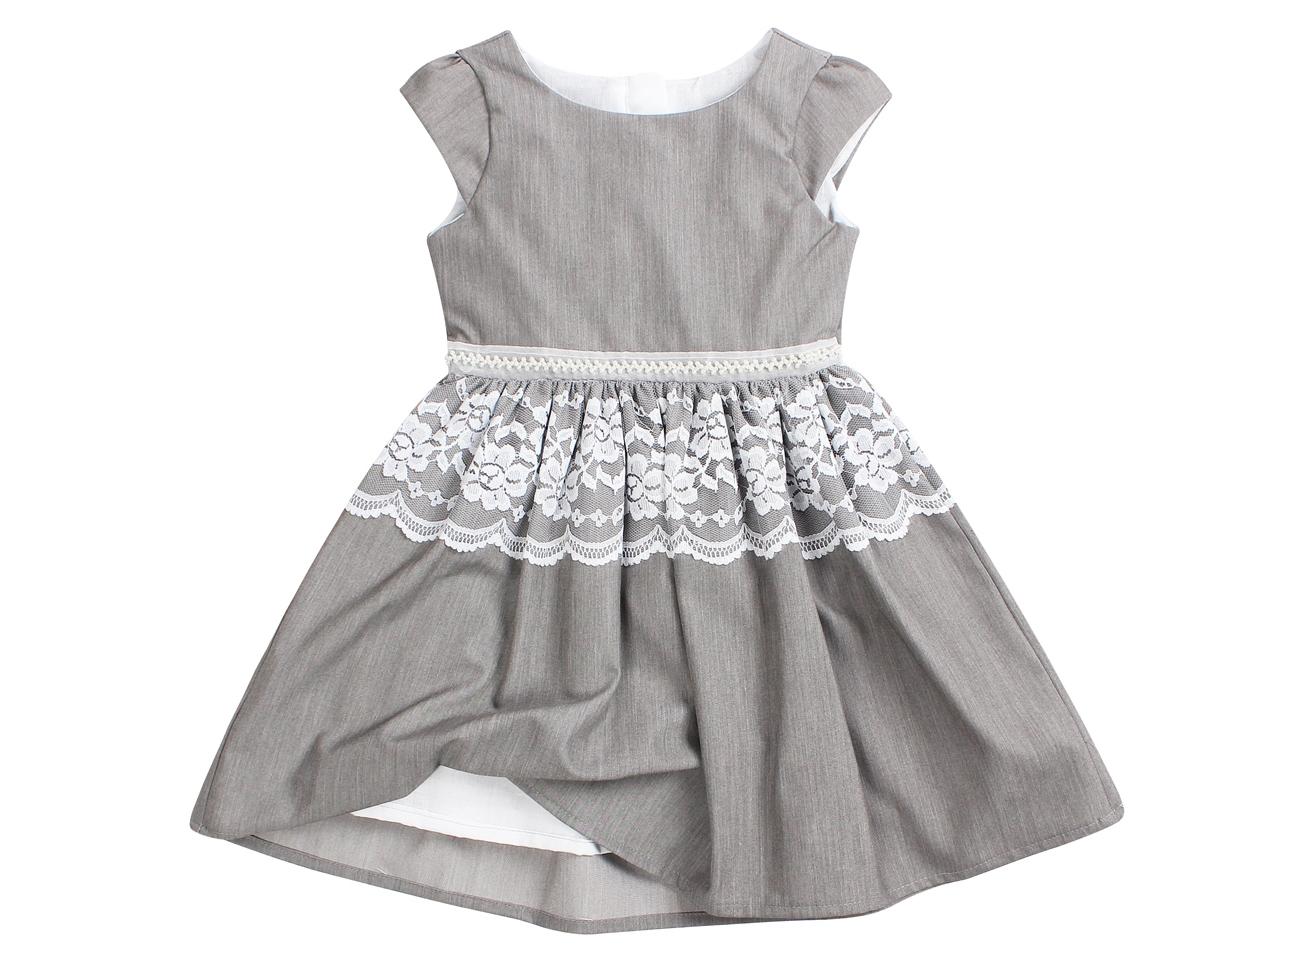 58a58c0b Okolicznościowa sukienka dla dziewczynki 86 szara - 7009333778 ...